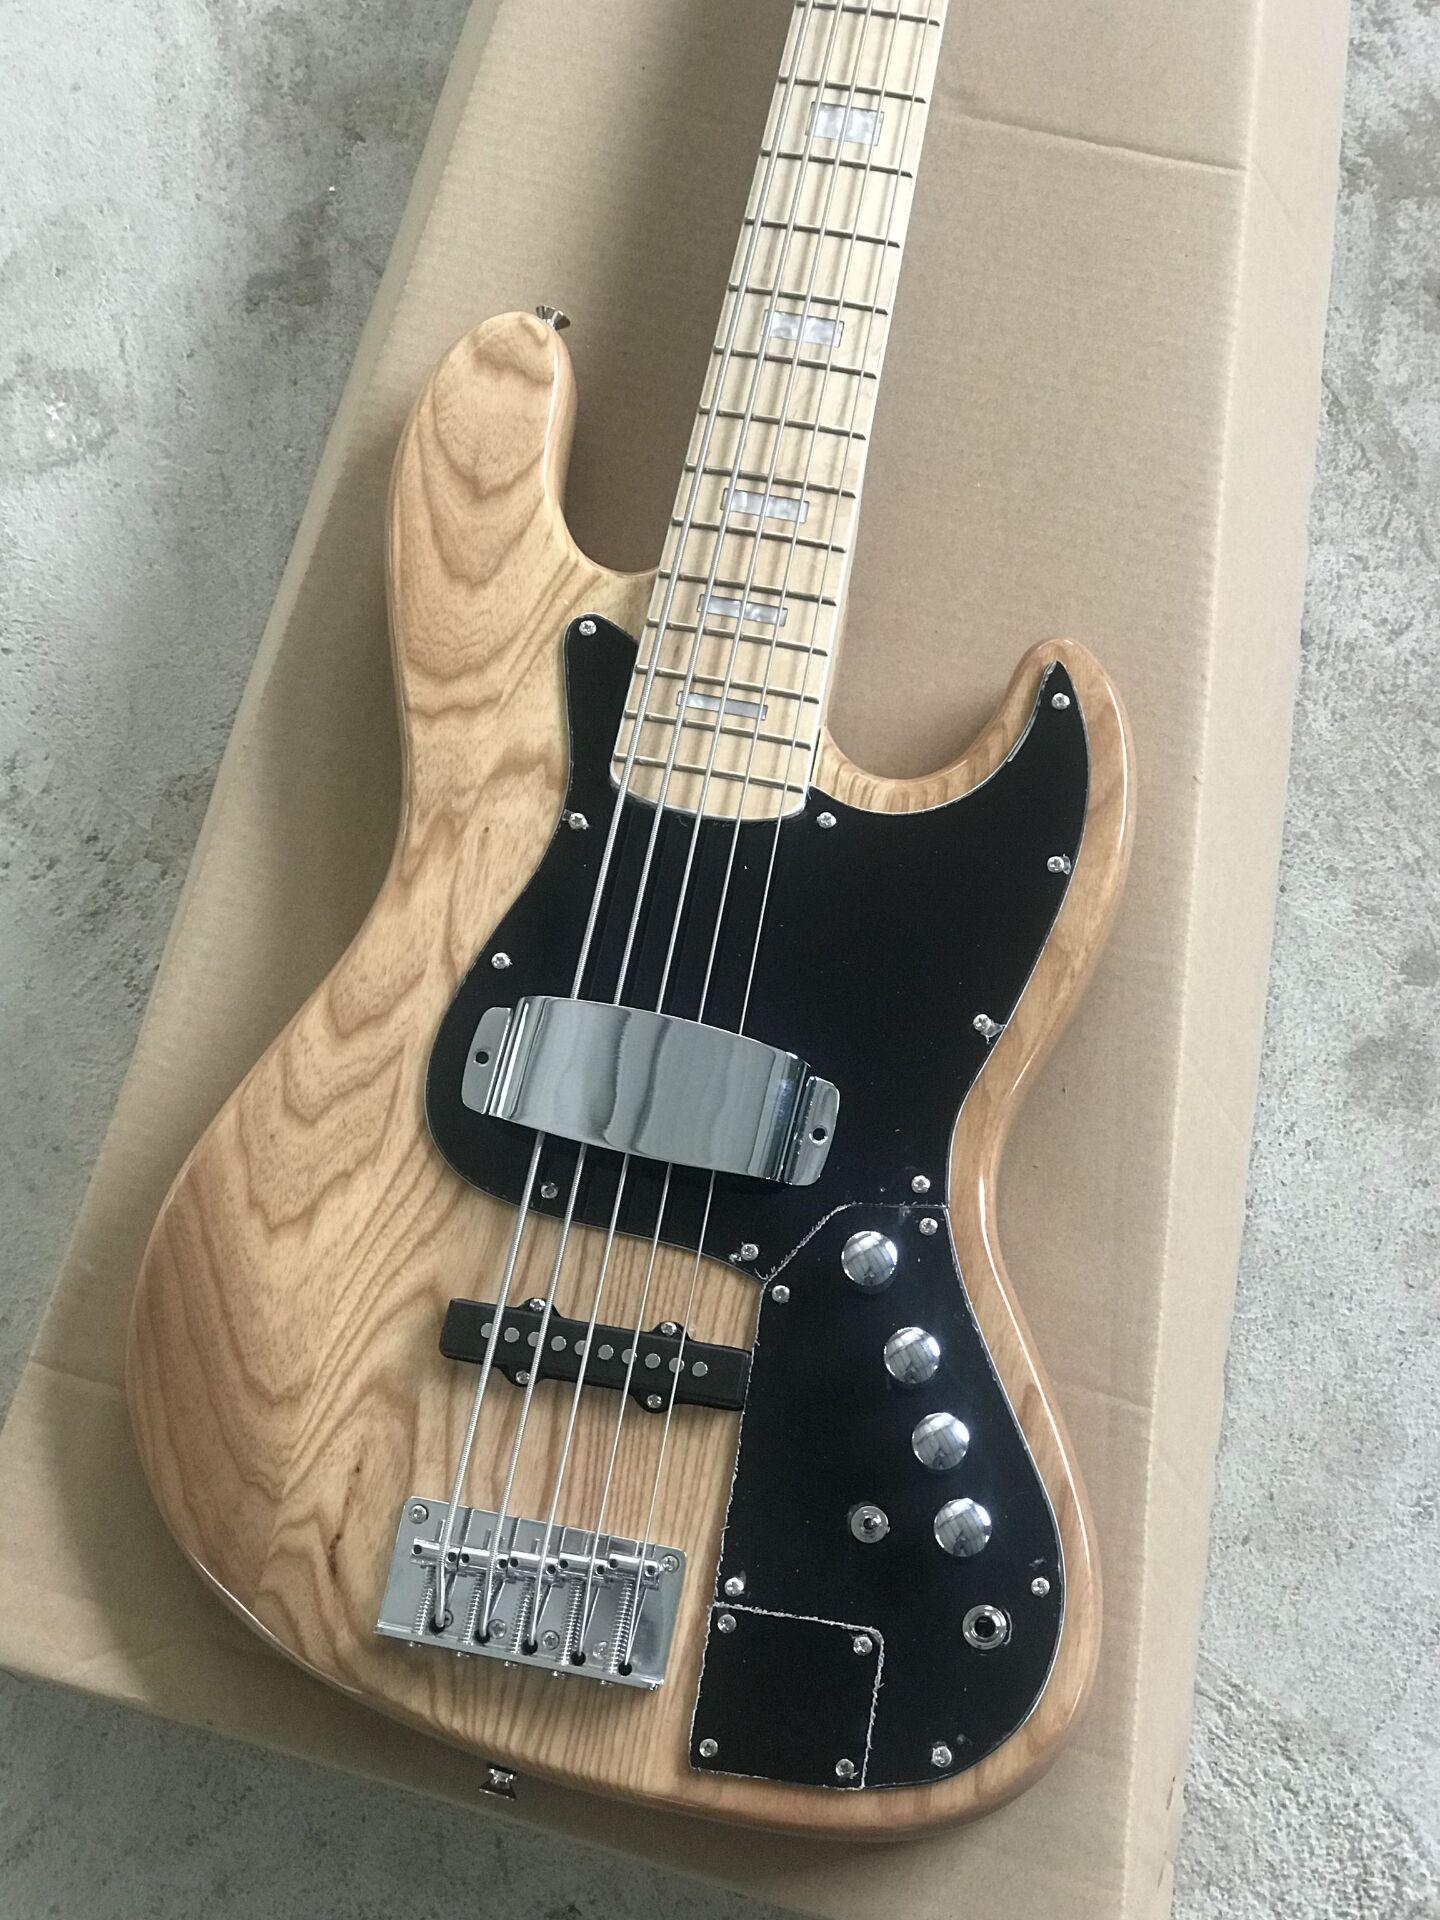 Bas Gitarlar 5 Strings Marcus Miller İmza Elektrik Bas Maple Fingerboard En Çok Satan